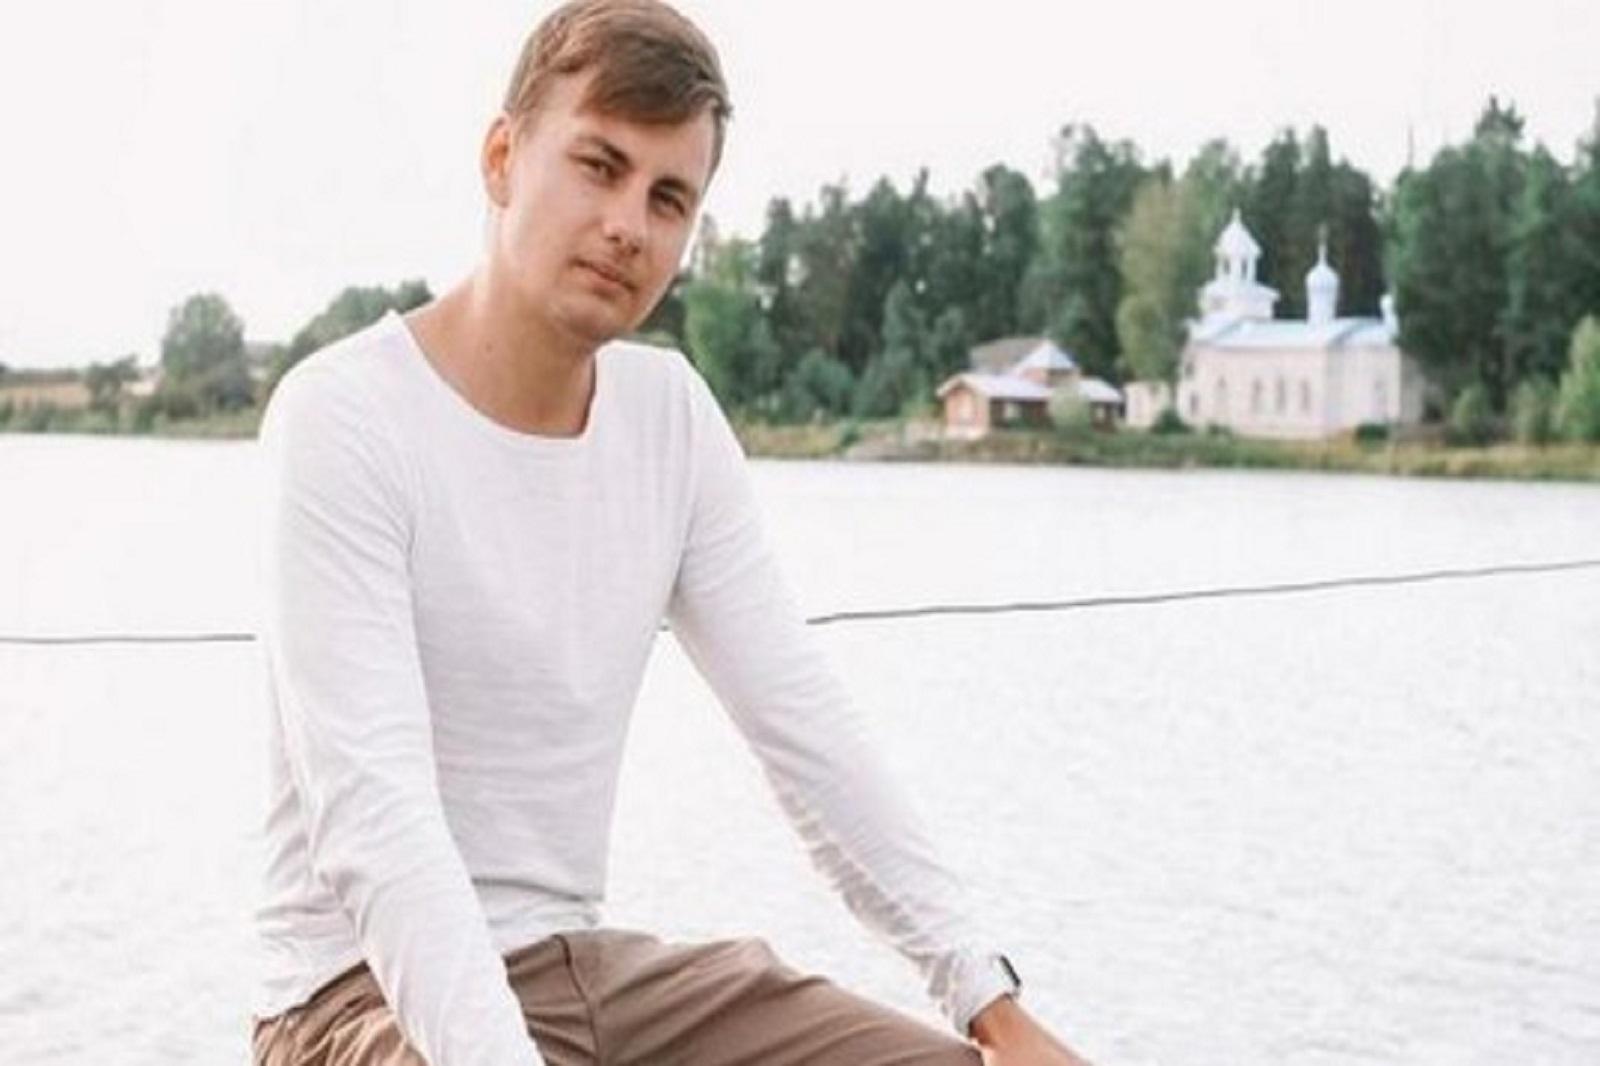 乌拉尔联邦大学毕业生努力发展自己的家乡插图-小狮座俄罗斯留学